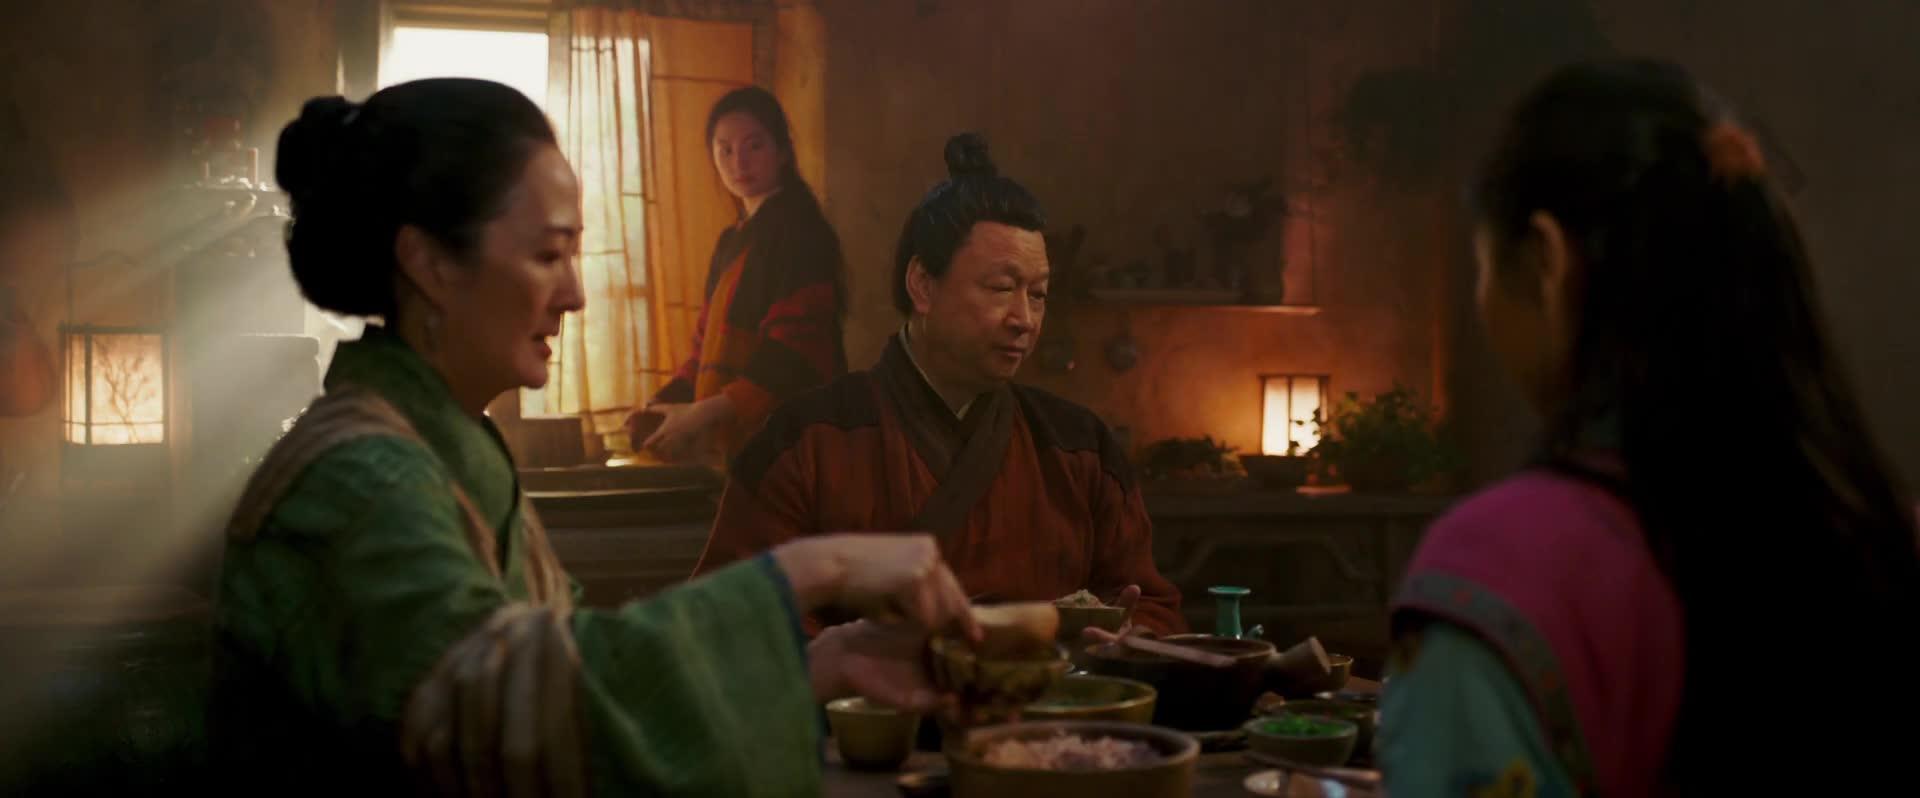 Mulan - Official Teaser Trailer [HD] screen capture